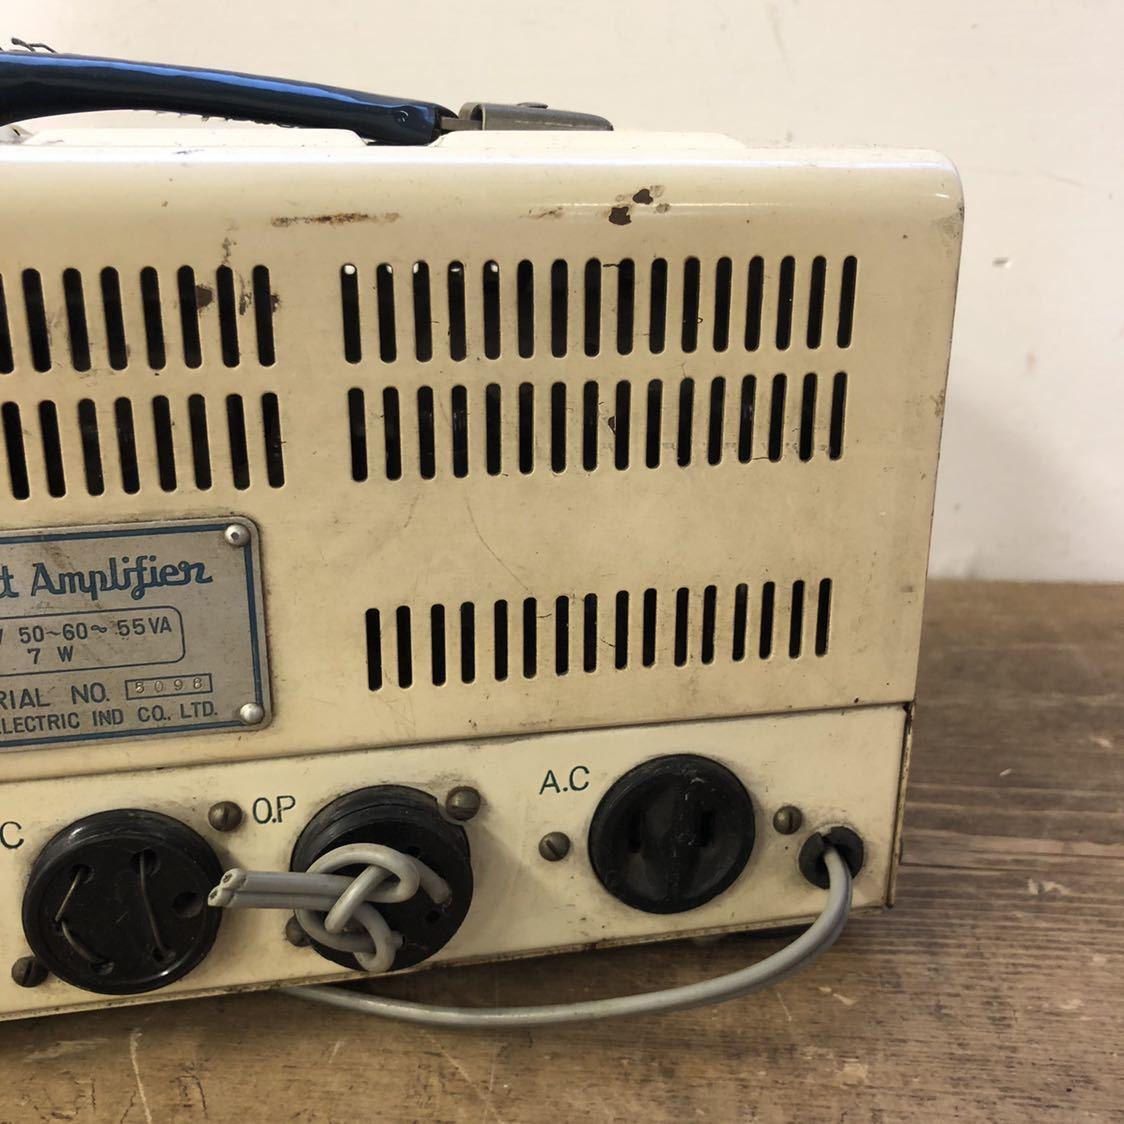 【ジャンク】 ナショナル 真空管 アンプ ラジオ midget amplifier ミッドナイト レトロ 昭和 アンティーク ヴィンテージ 部品取り_画像5